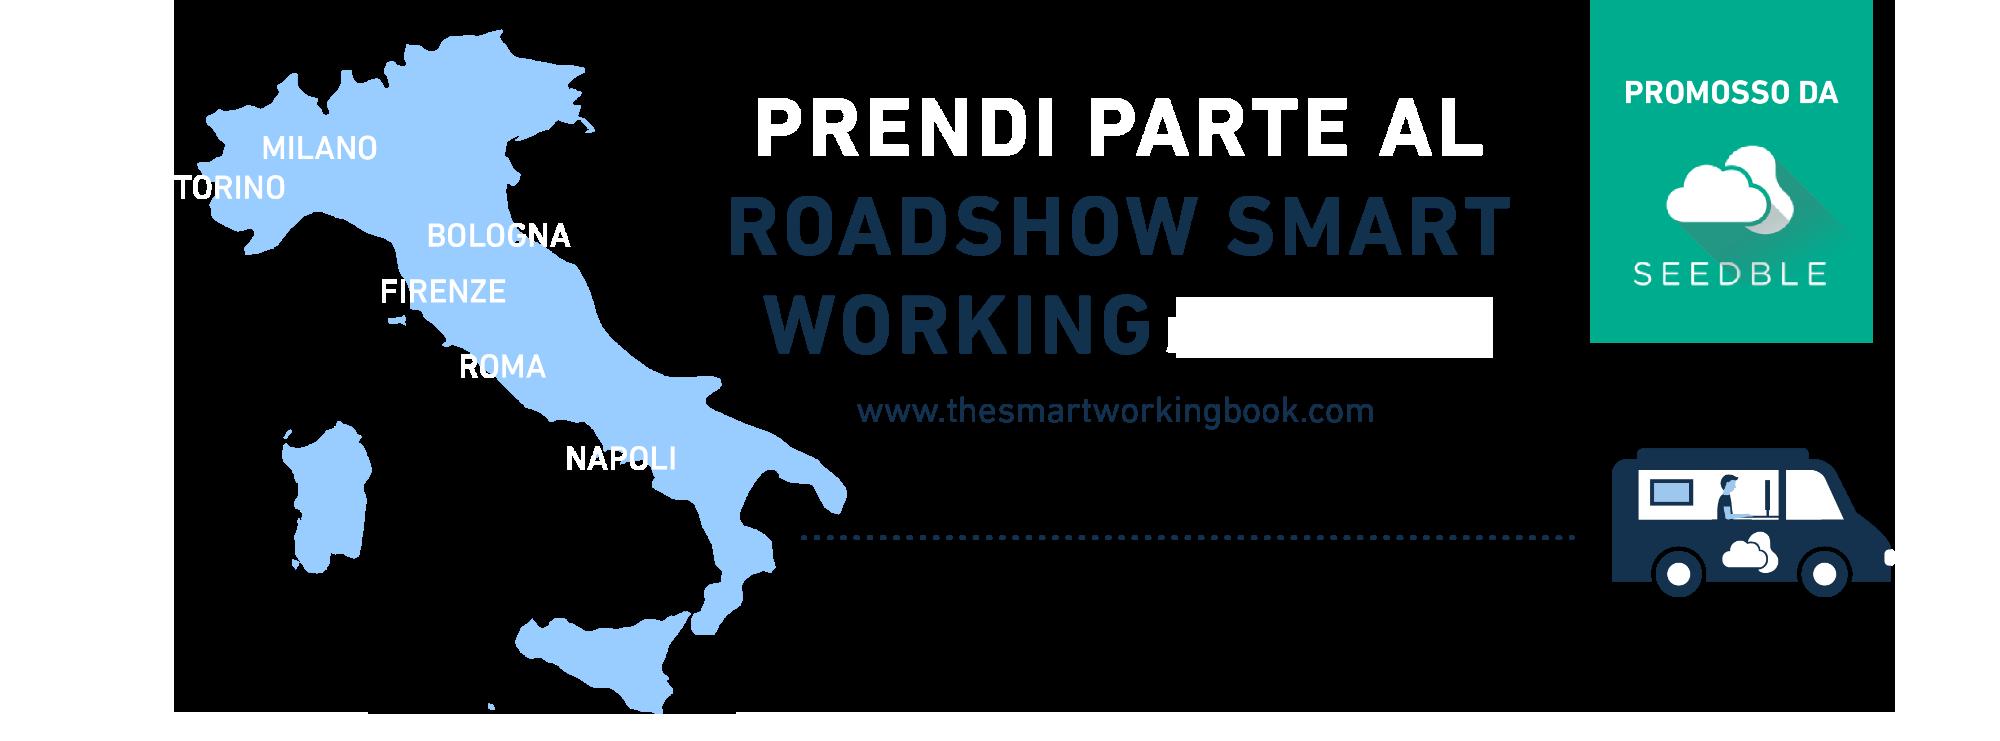 Smartworking, roadshow, lavoro agile